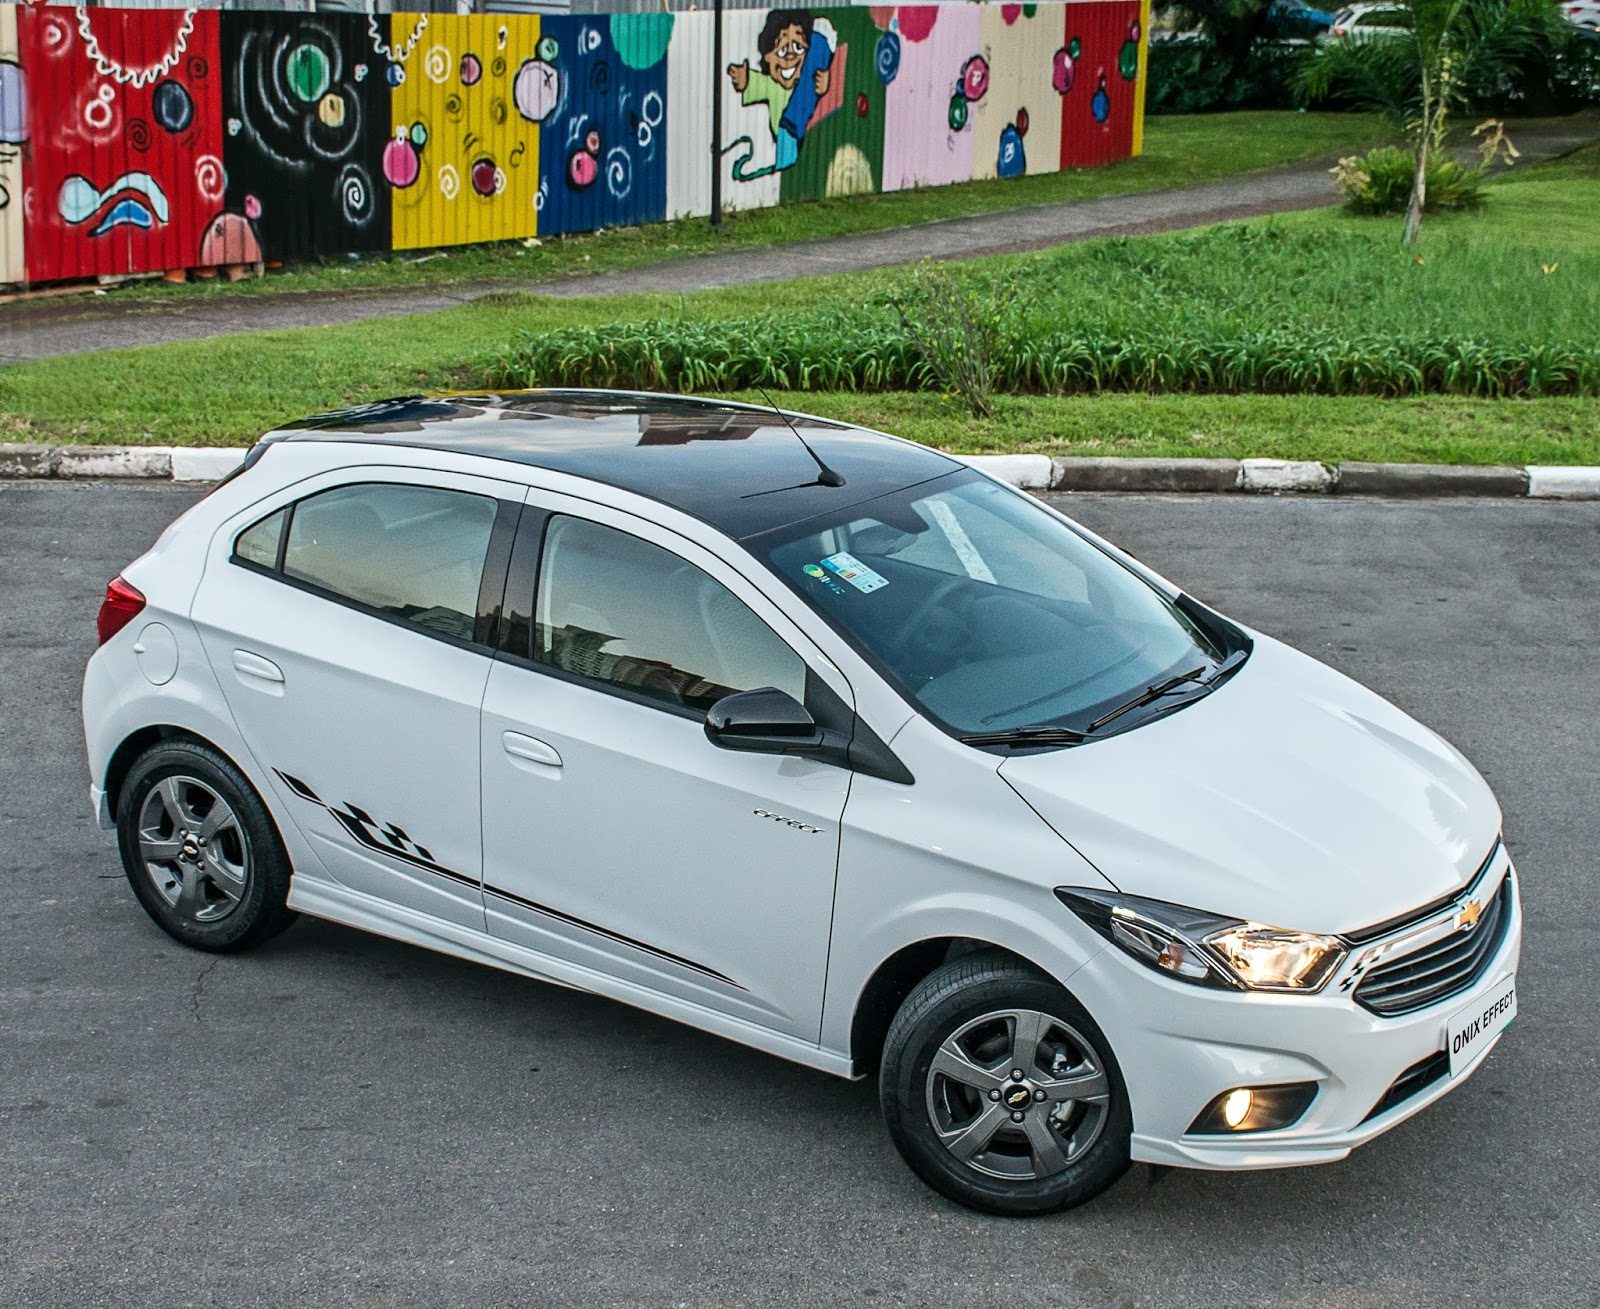 e487c66c00708b O Chevrolet Onix 2018 e seu irmão Prisma 2018 receberam aumento de preços  nesta segunda metade de setembro. A dupla de entrada da GM teve reajustes  variados ...